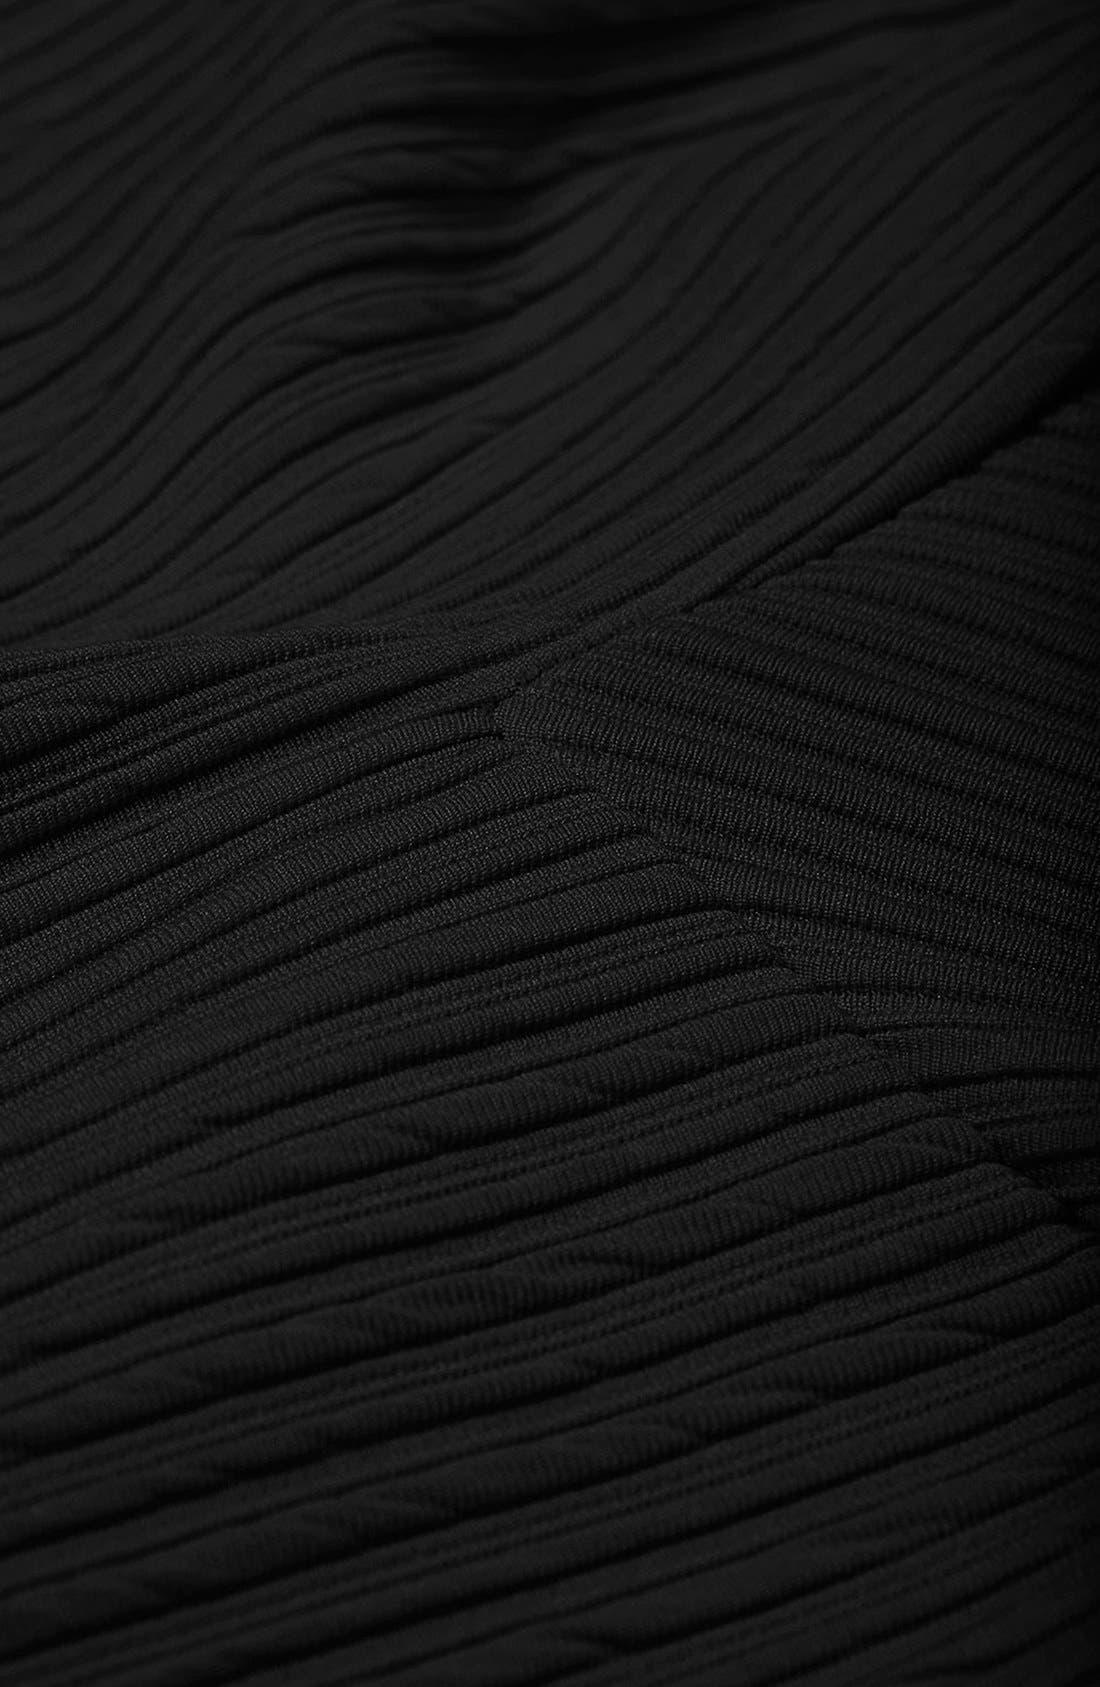 Alternate Image 3  - Topshop Textured Skater Skirt